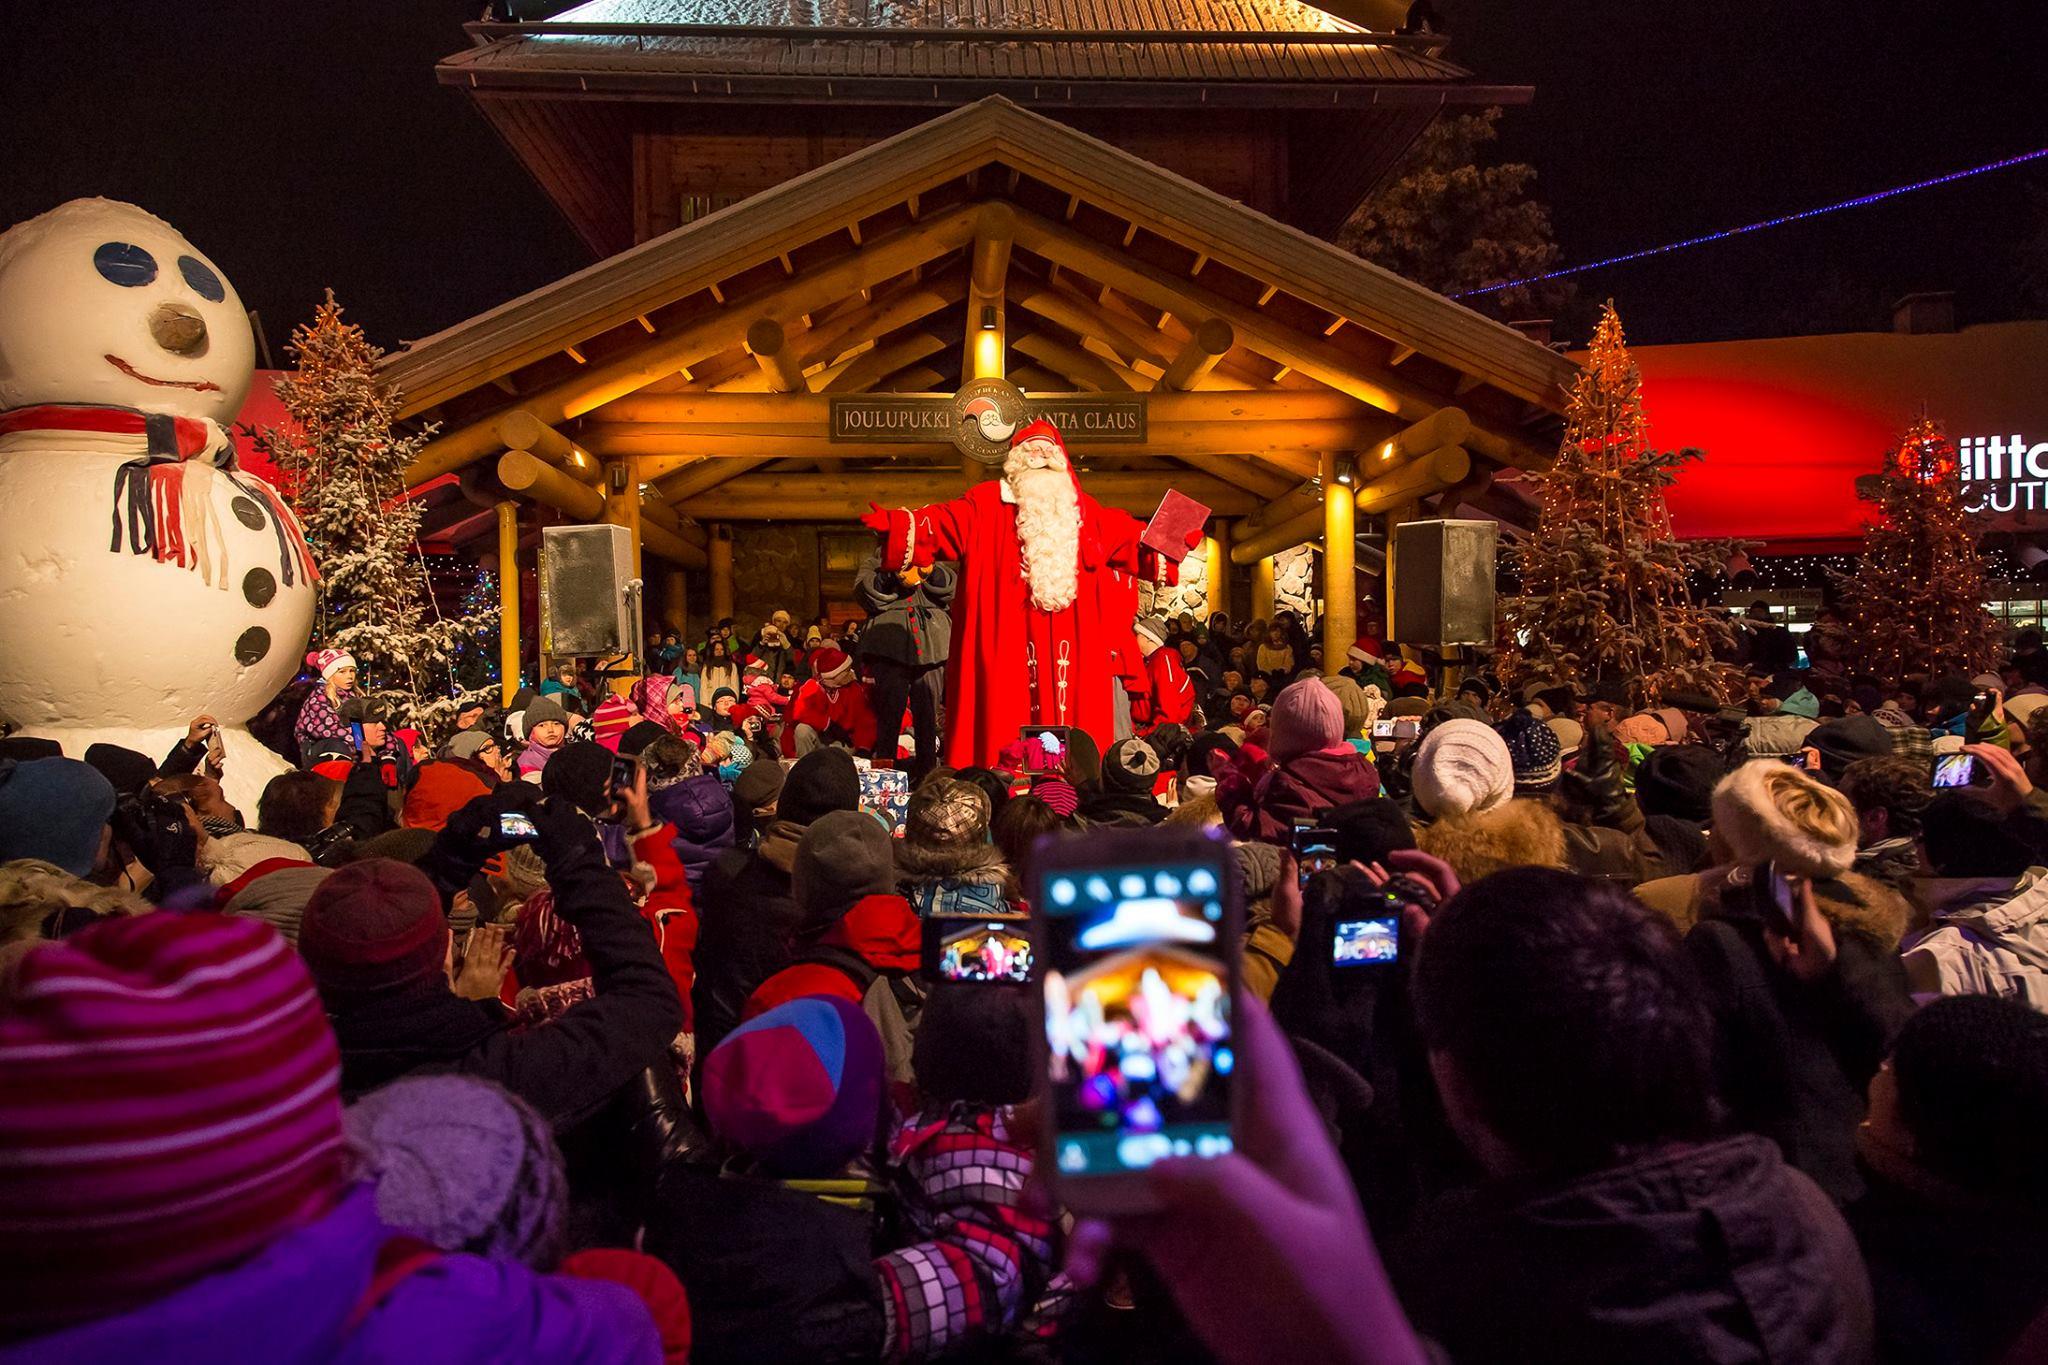 Inauguración de la Navidad en Rovaniemi